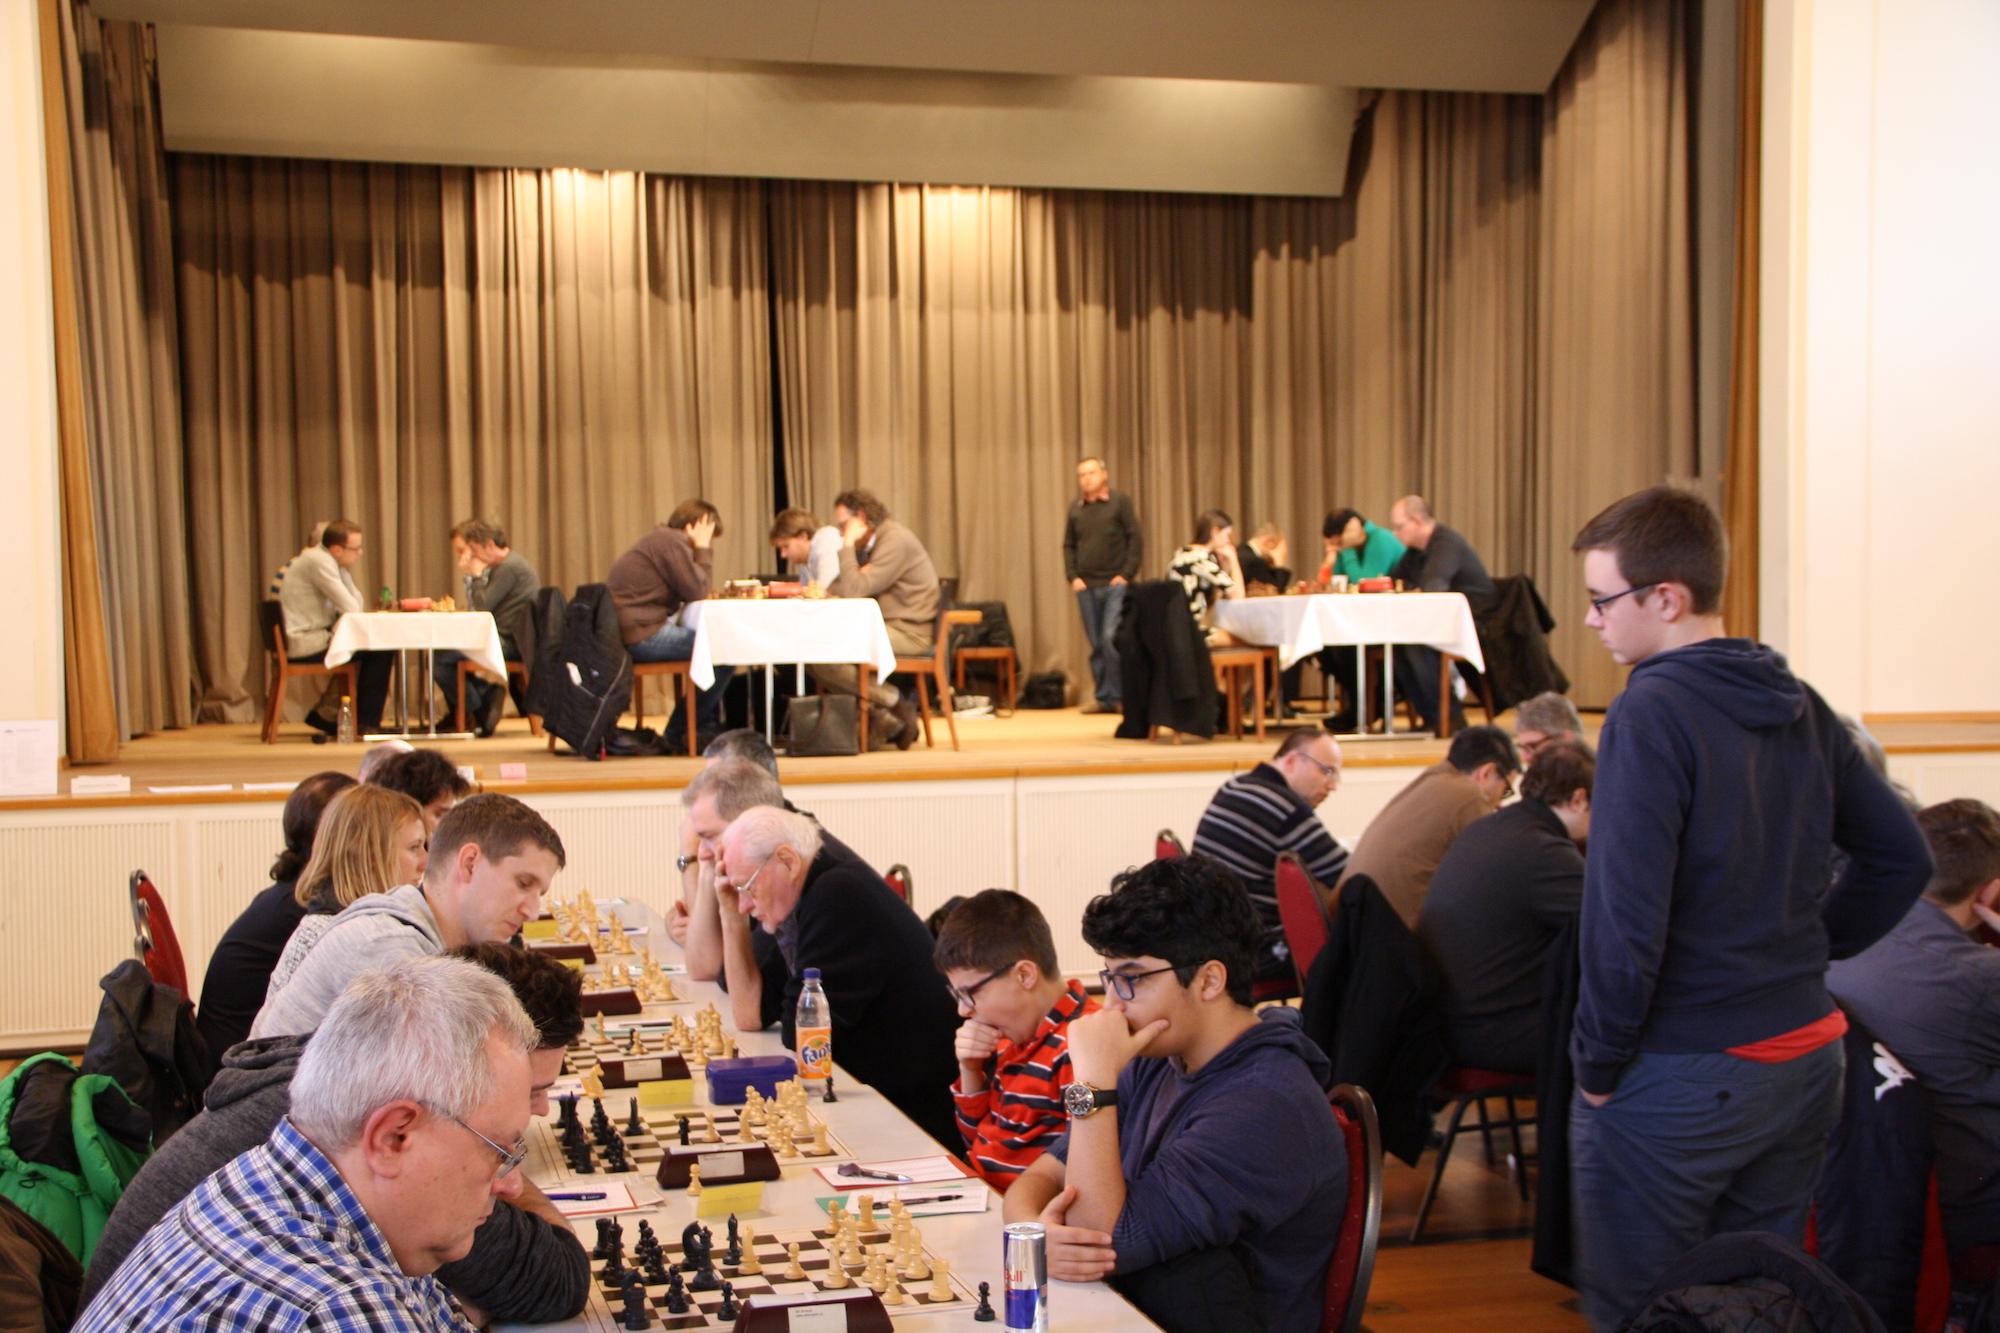 Das Basler Schachfestival im neuen Domizil im Landgasthof Riehen.